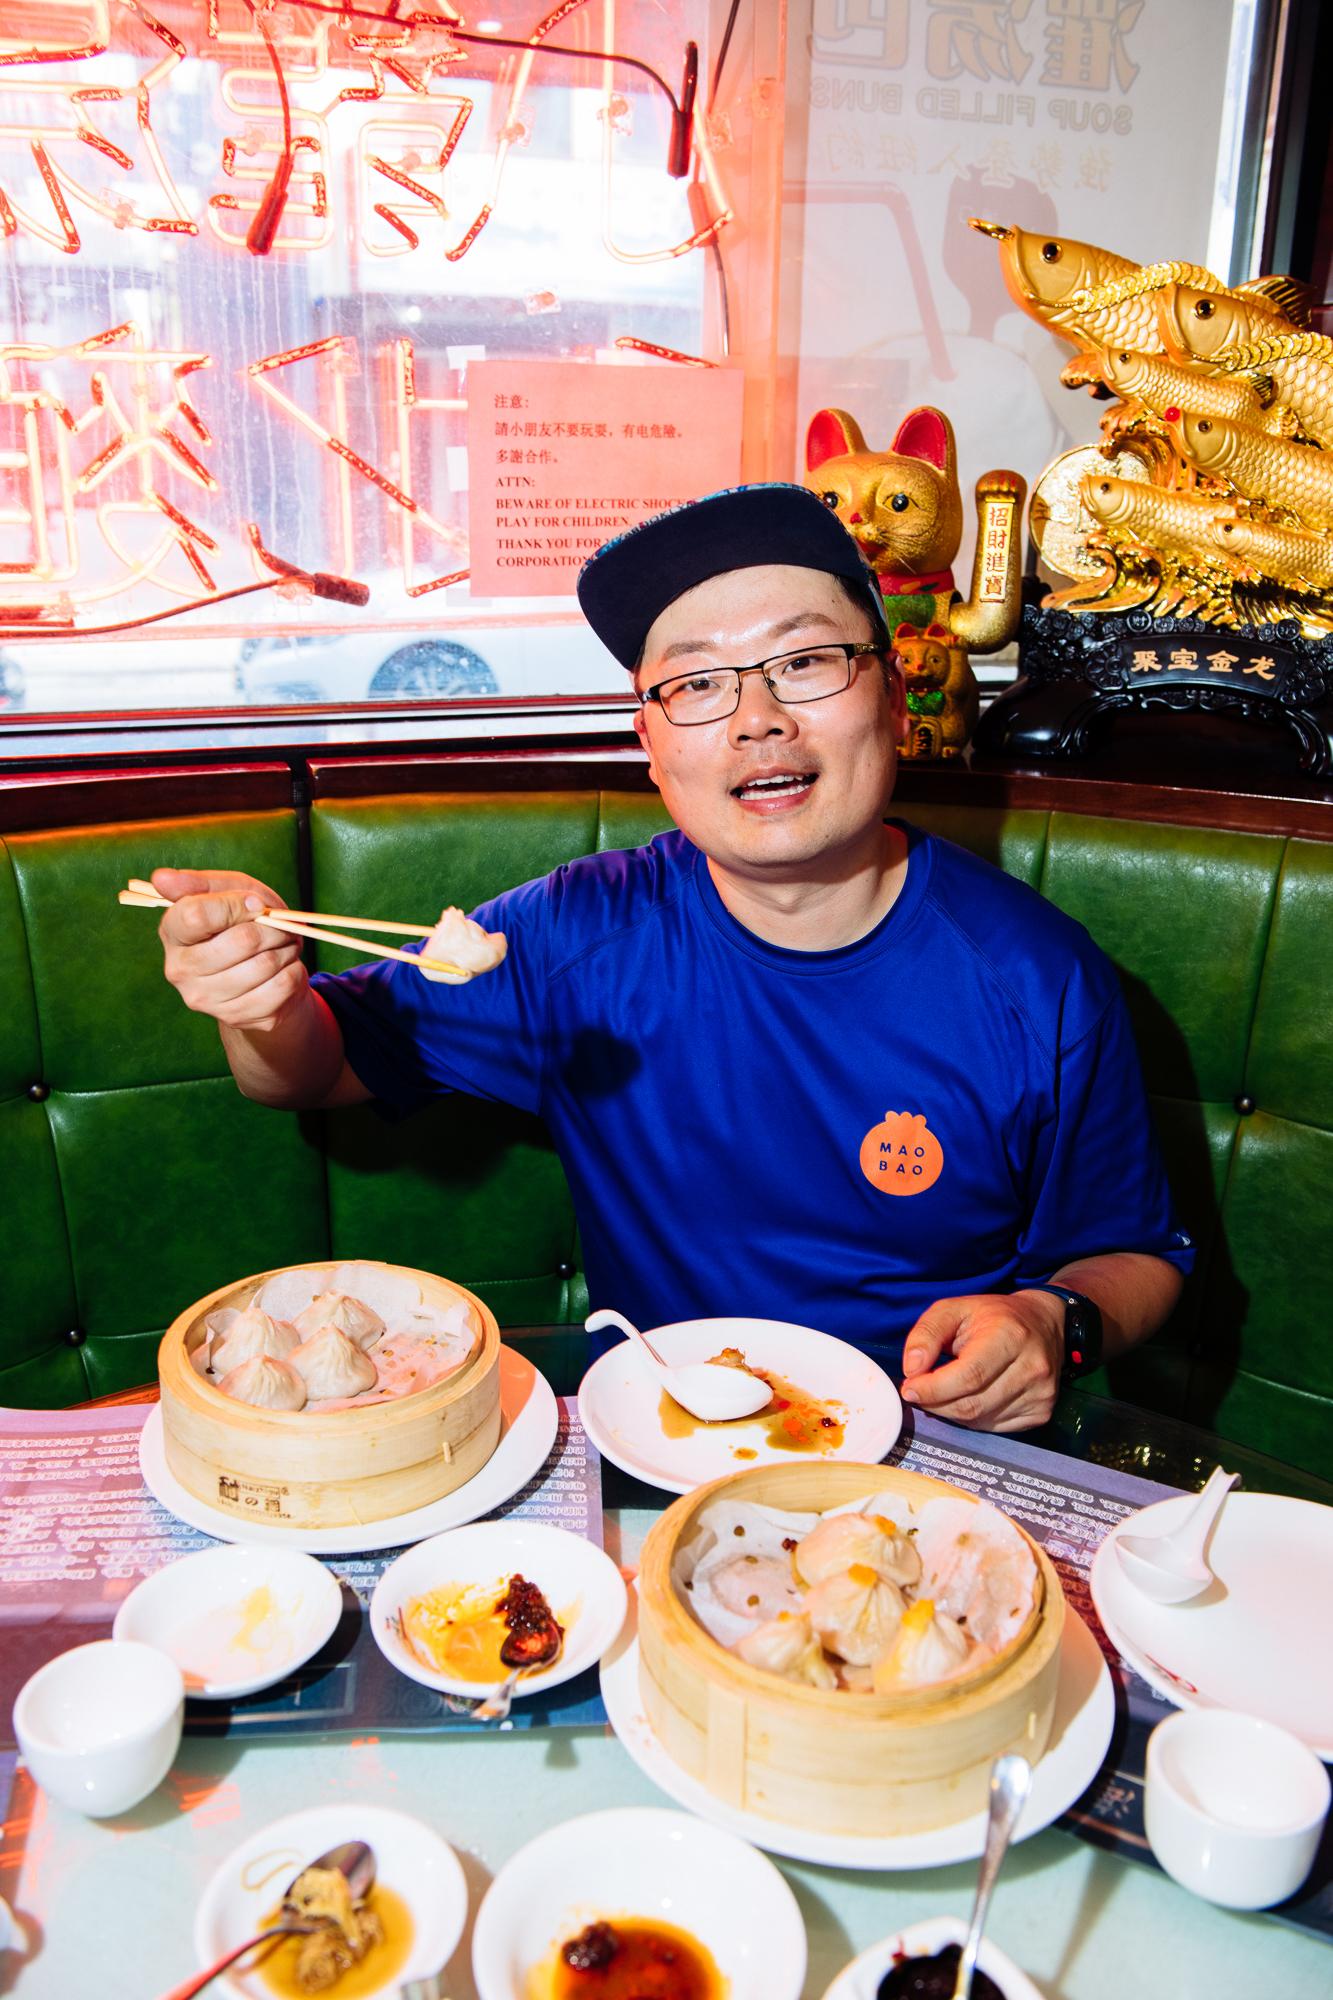 Eddie and xiao long bao (soup dumplings) at Shanghai You Garden Dumpling in Flushing, Queens